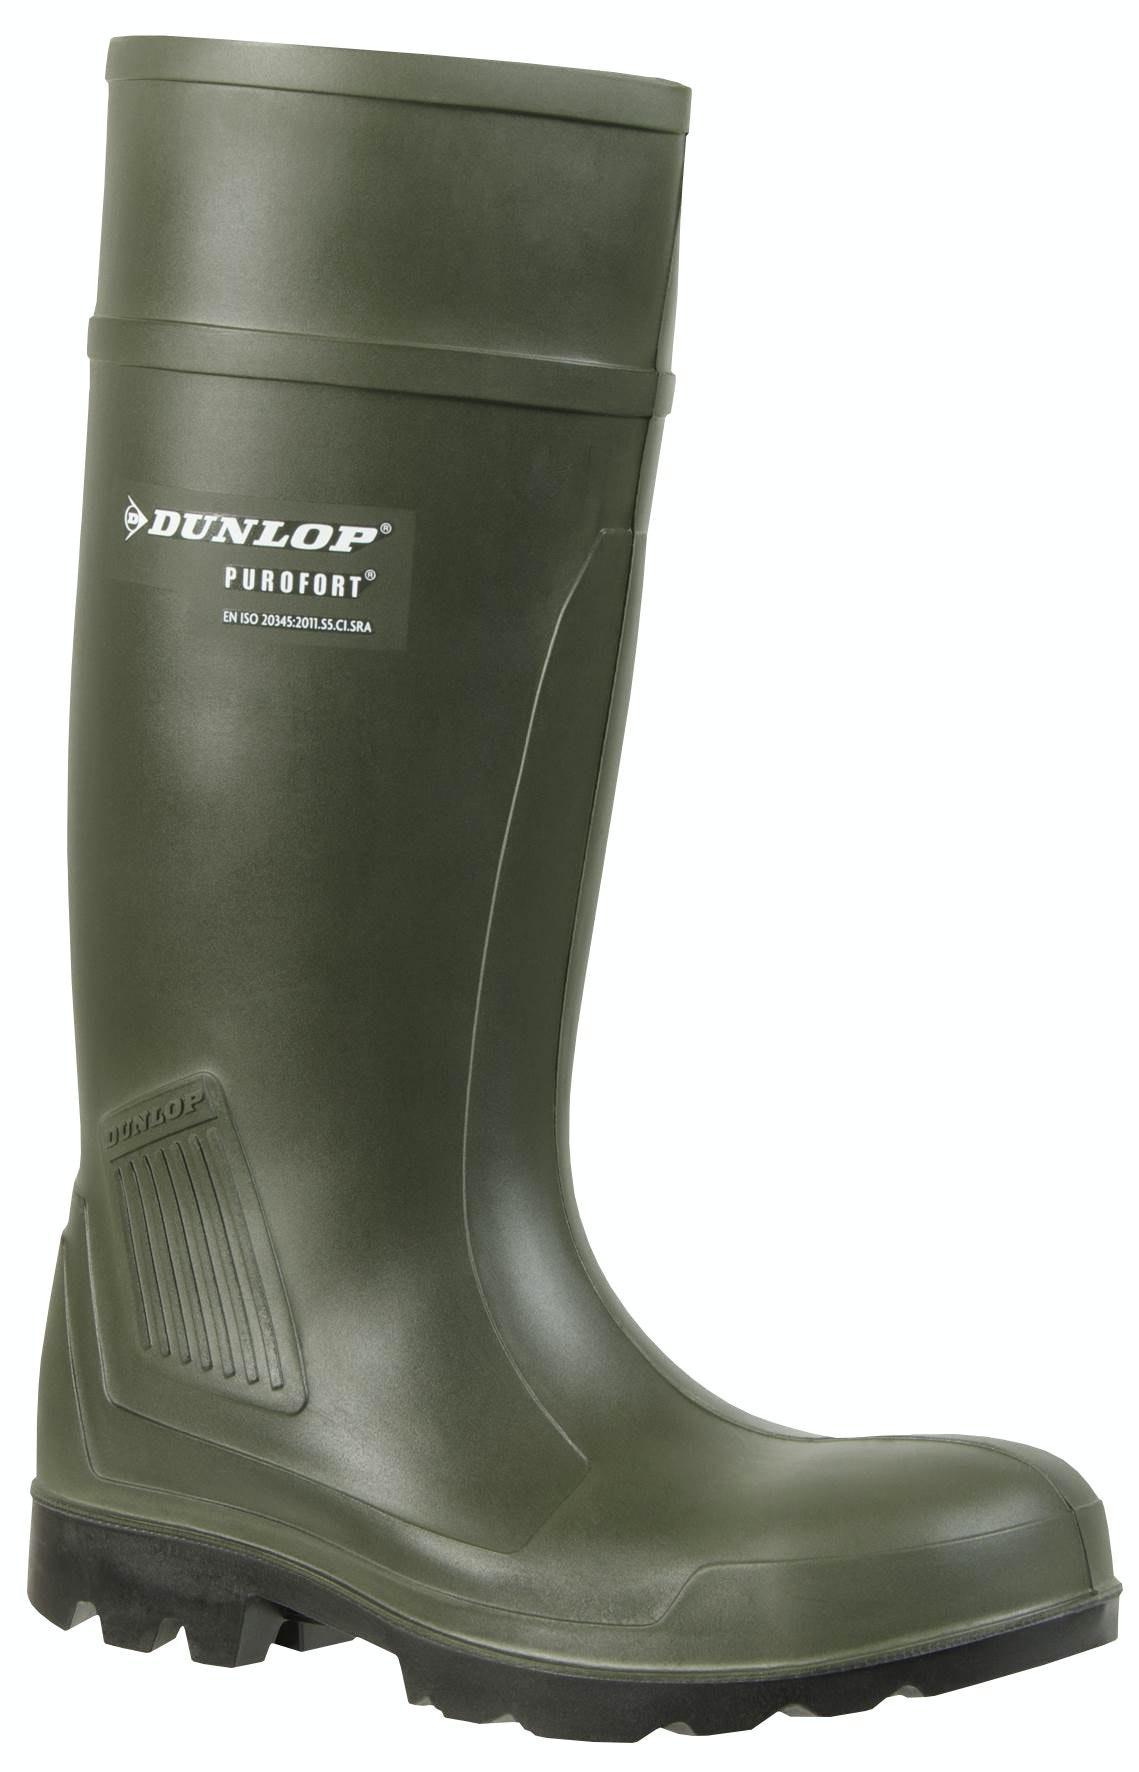 Skyddsstövel Dunlop Purofort Strl 41